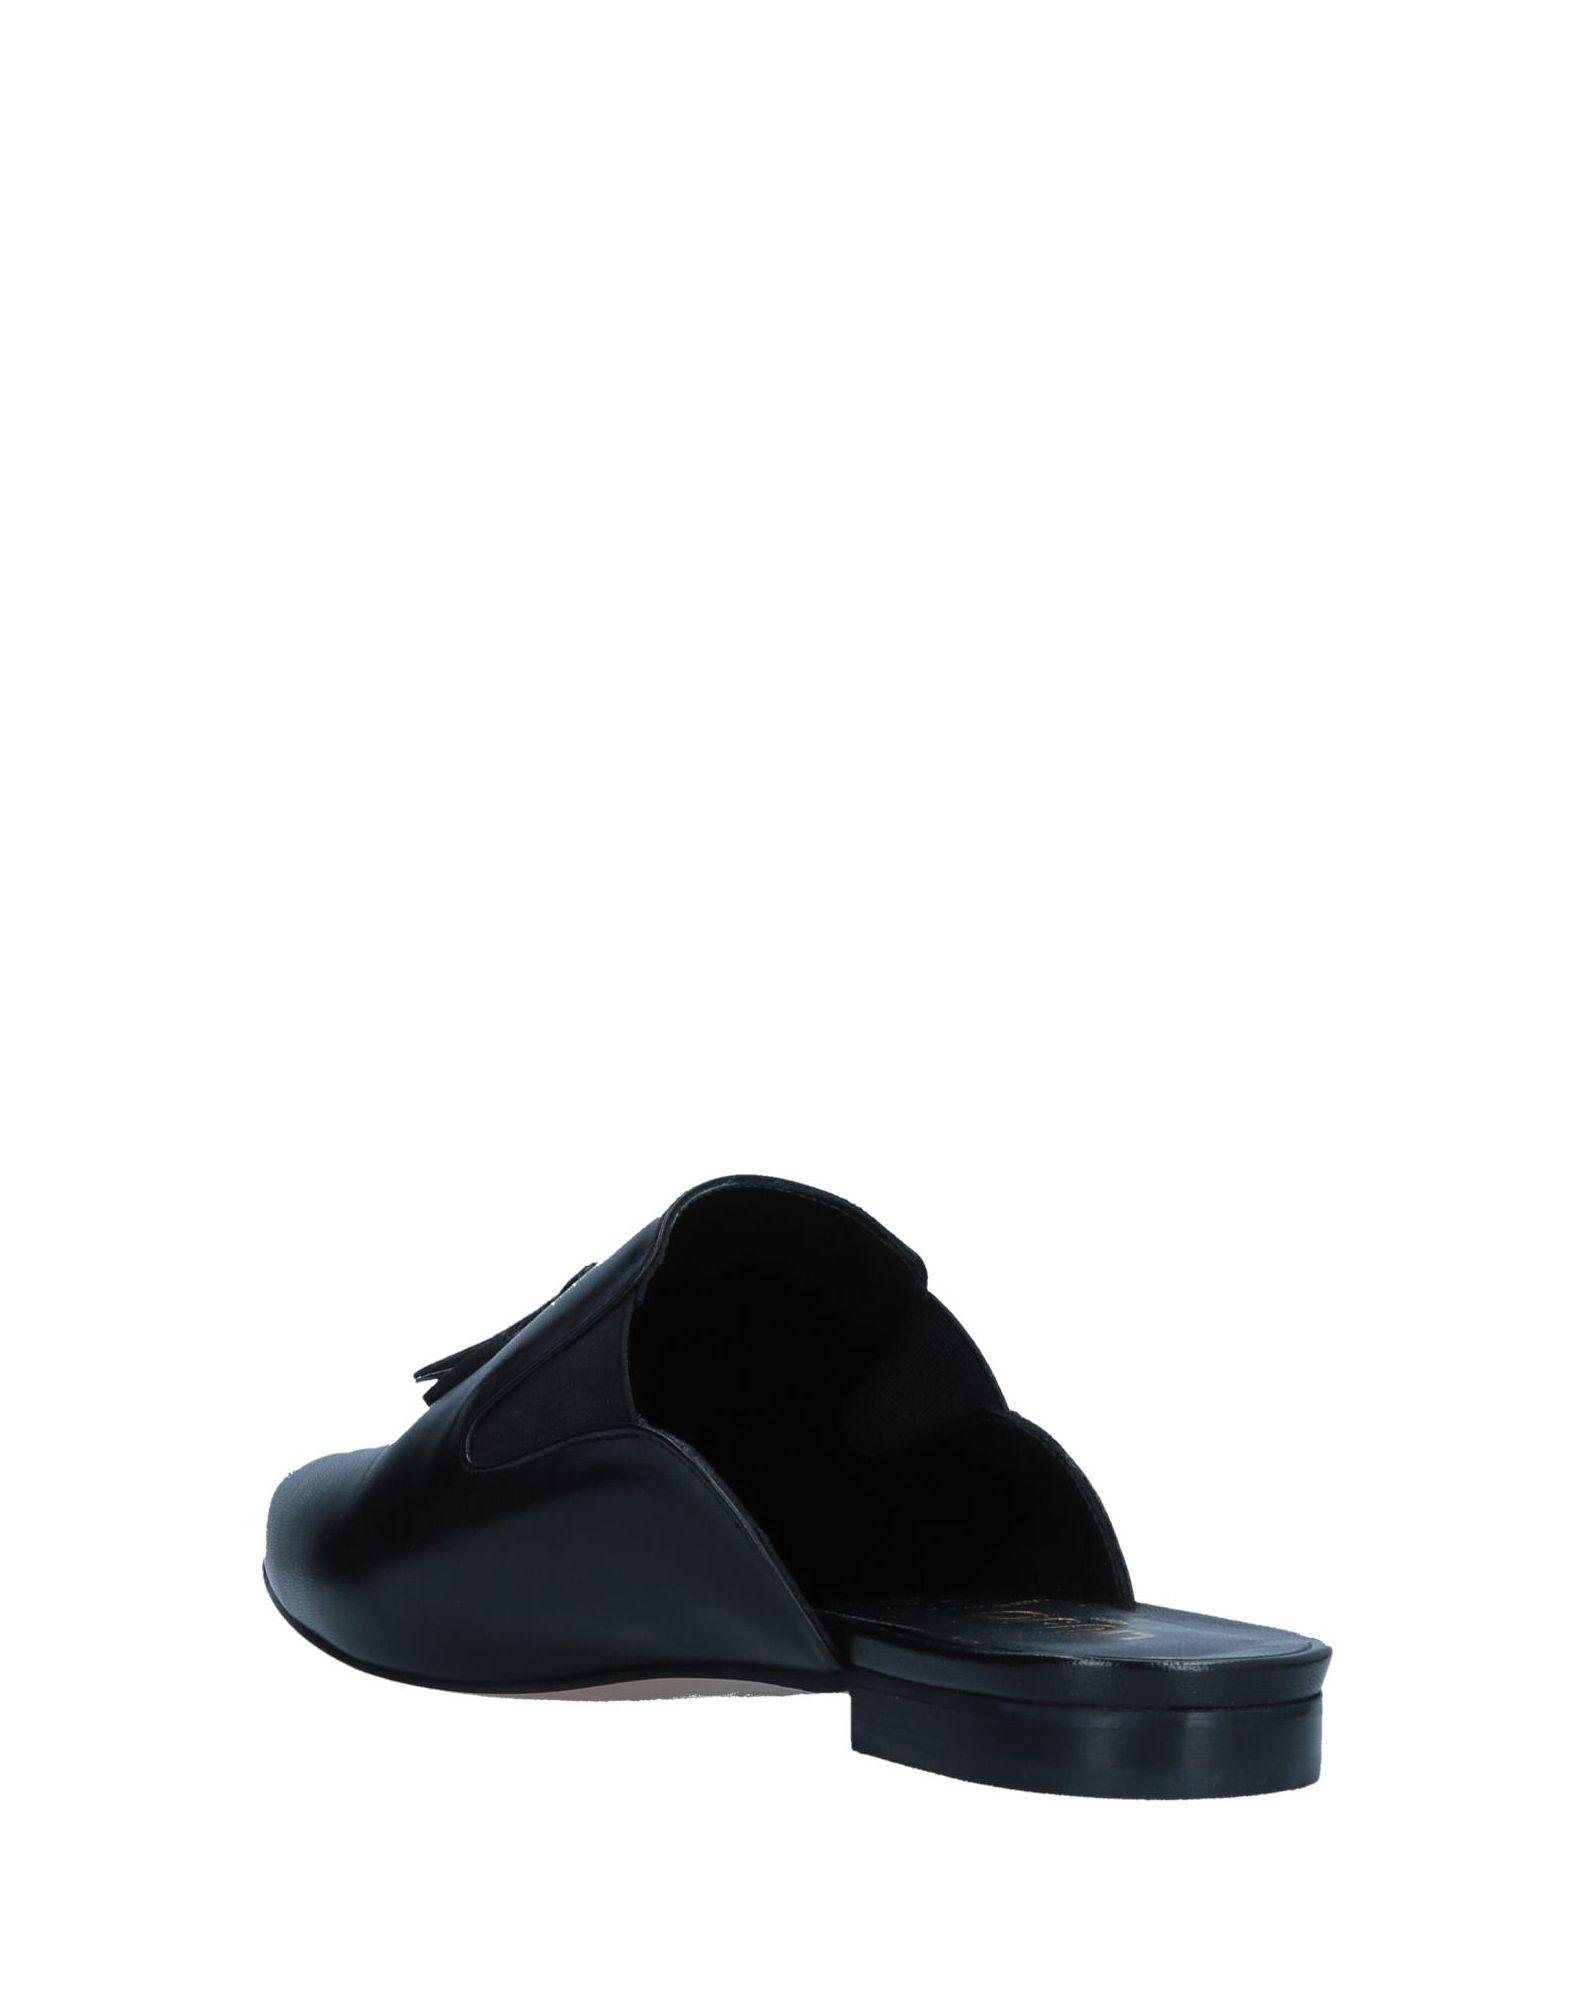 Liu •Jo Shoes Pantoletten Damen beliebte  11544249LI Gute Qualität beliebte Damen Schuhe a45281